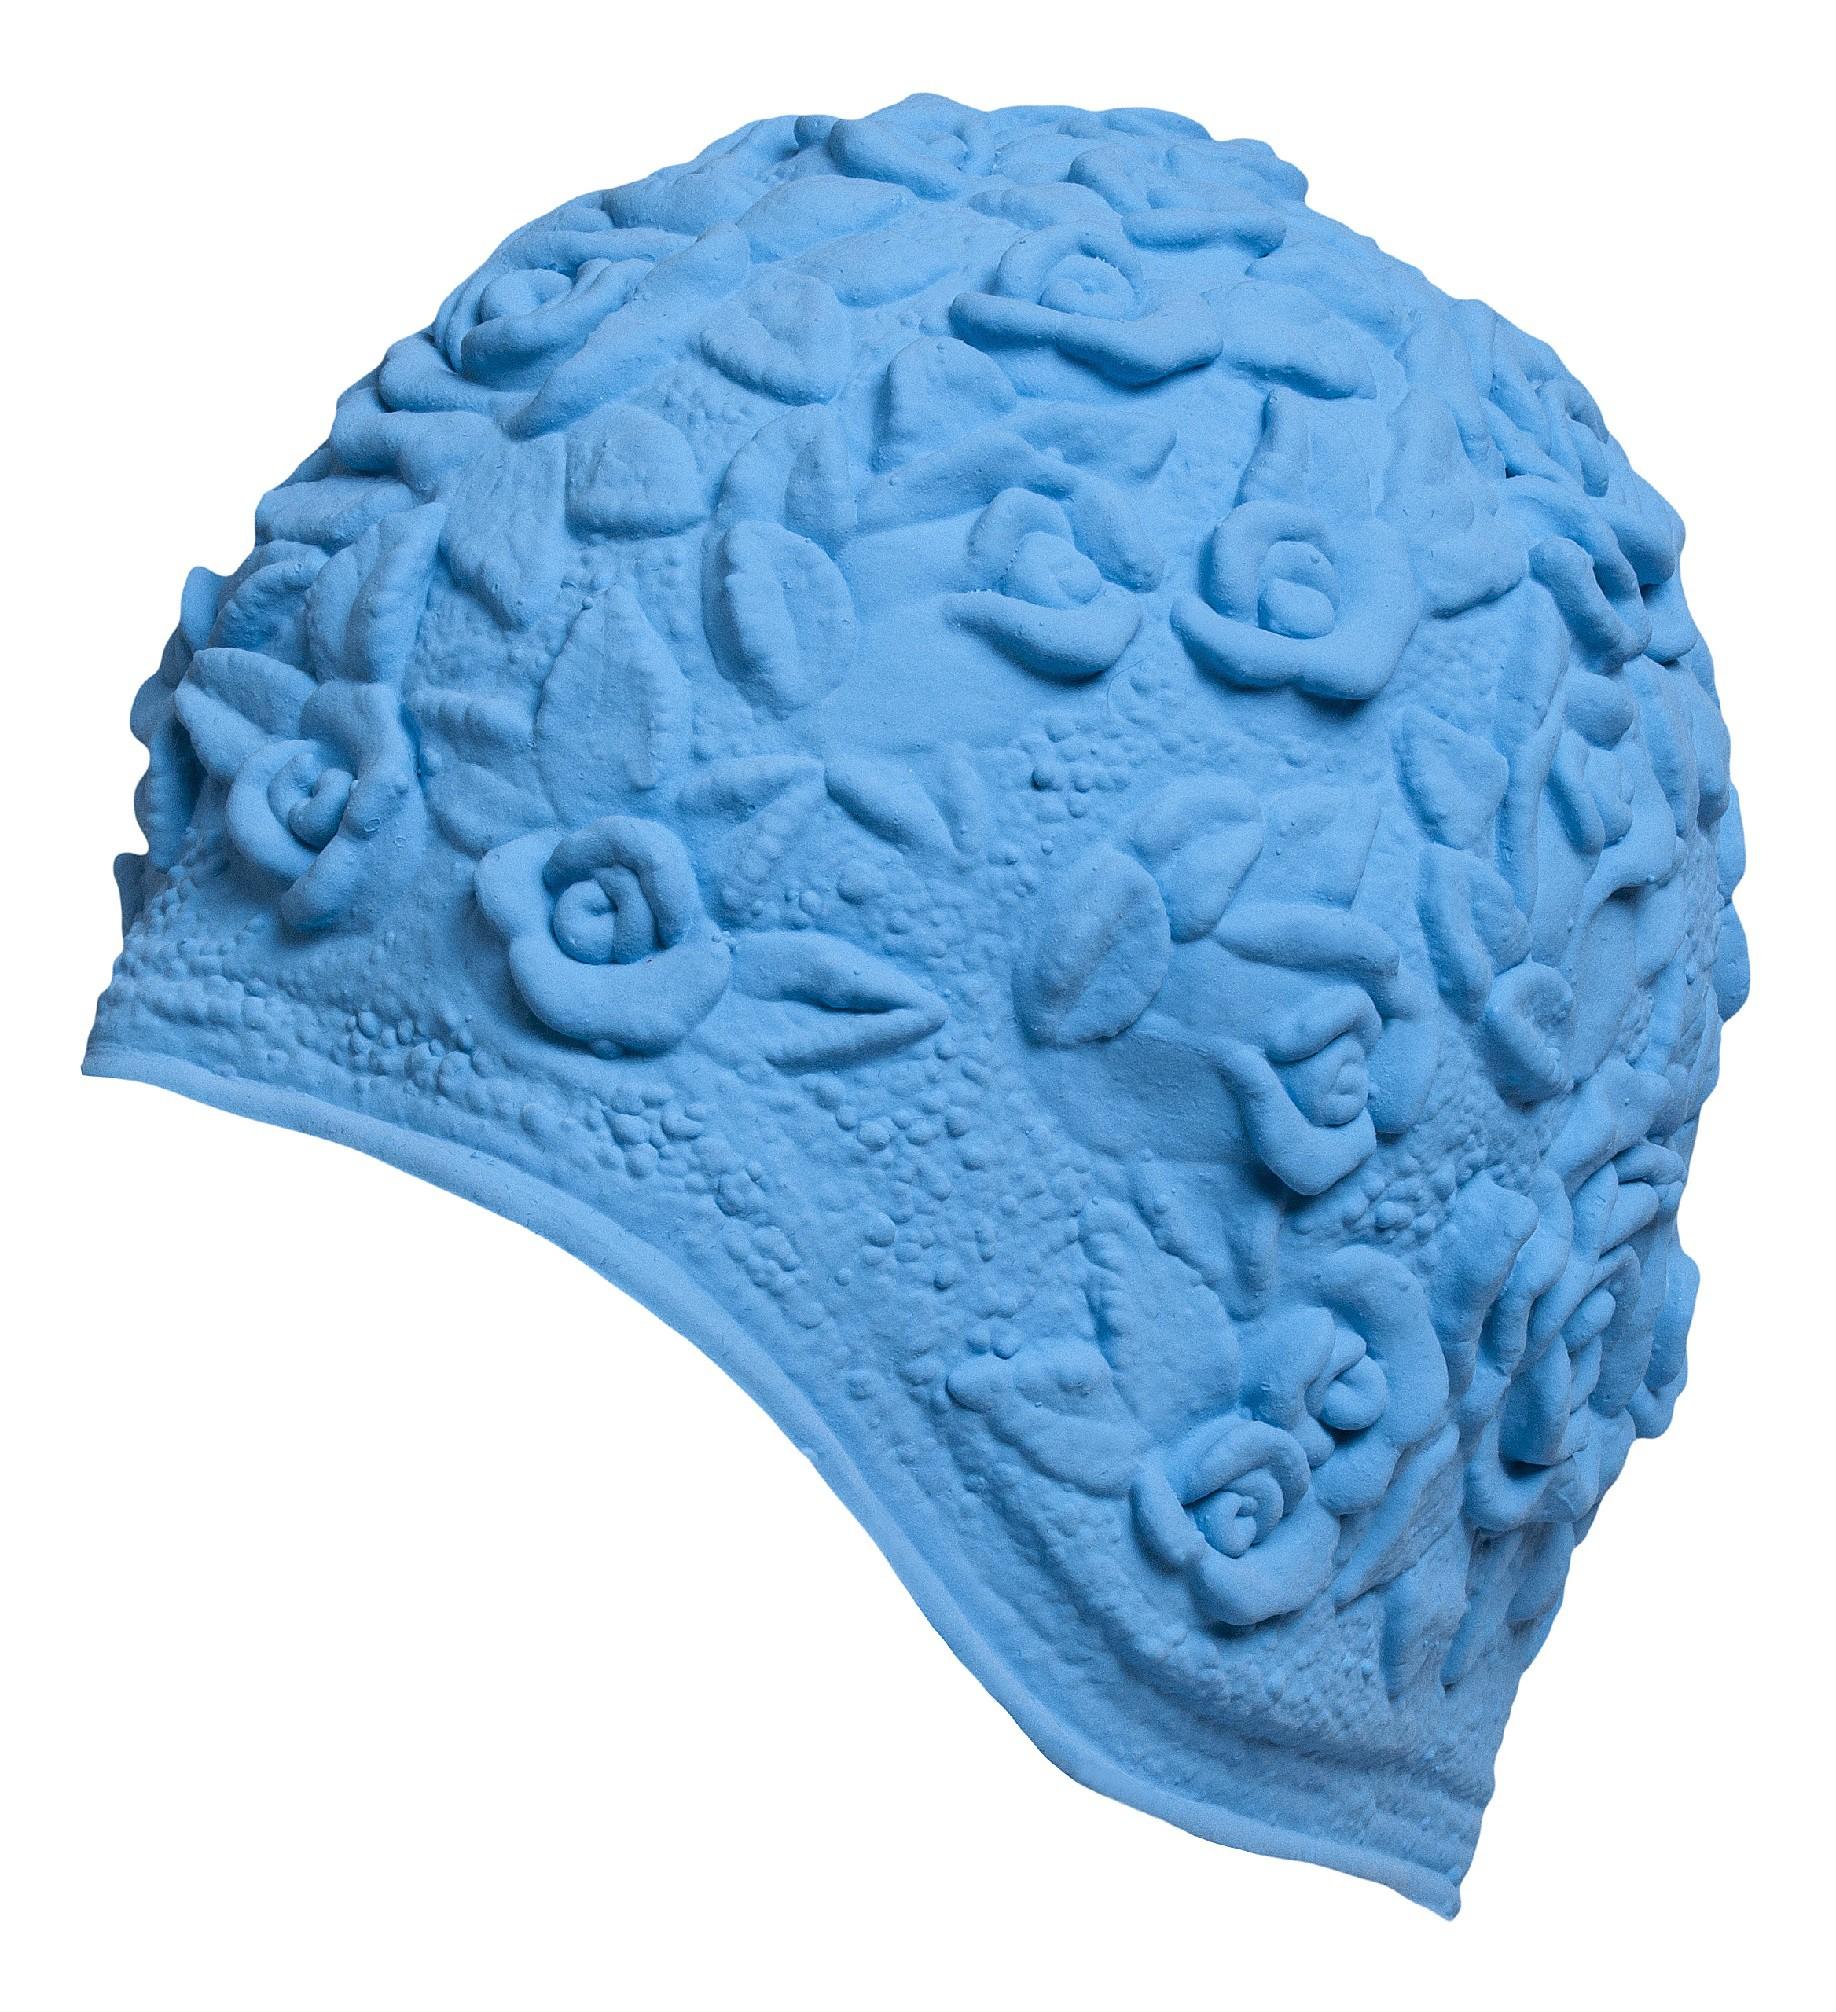 Úszósapka Latex - kék rózsás - CanCan ceba6a5a3c